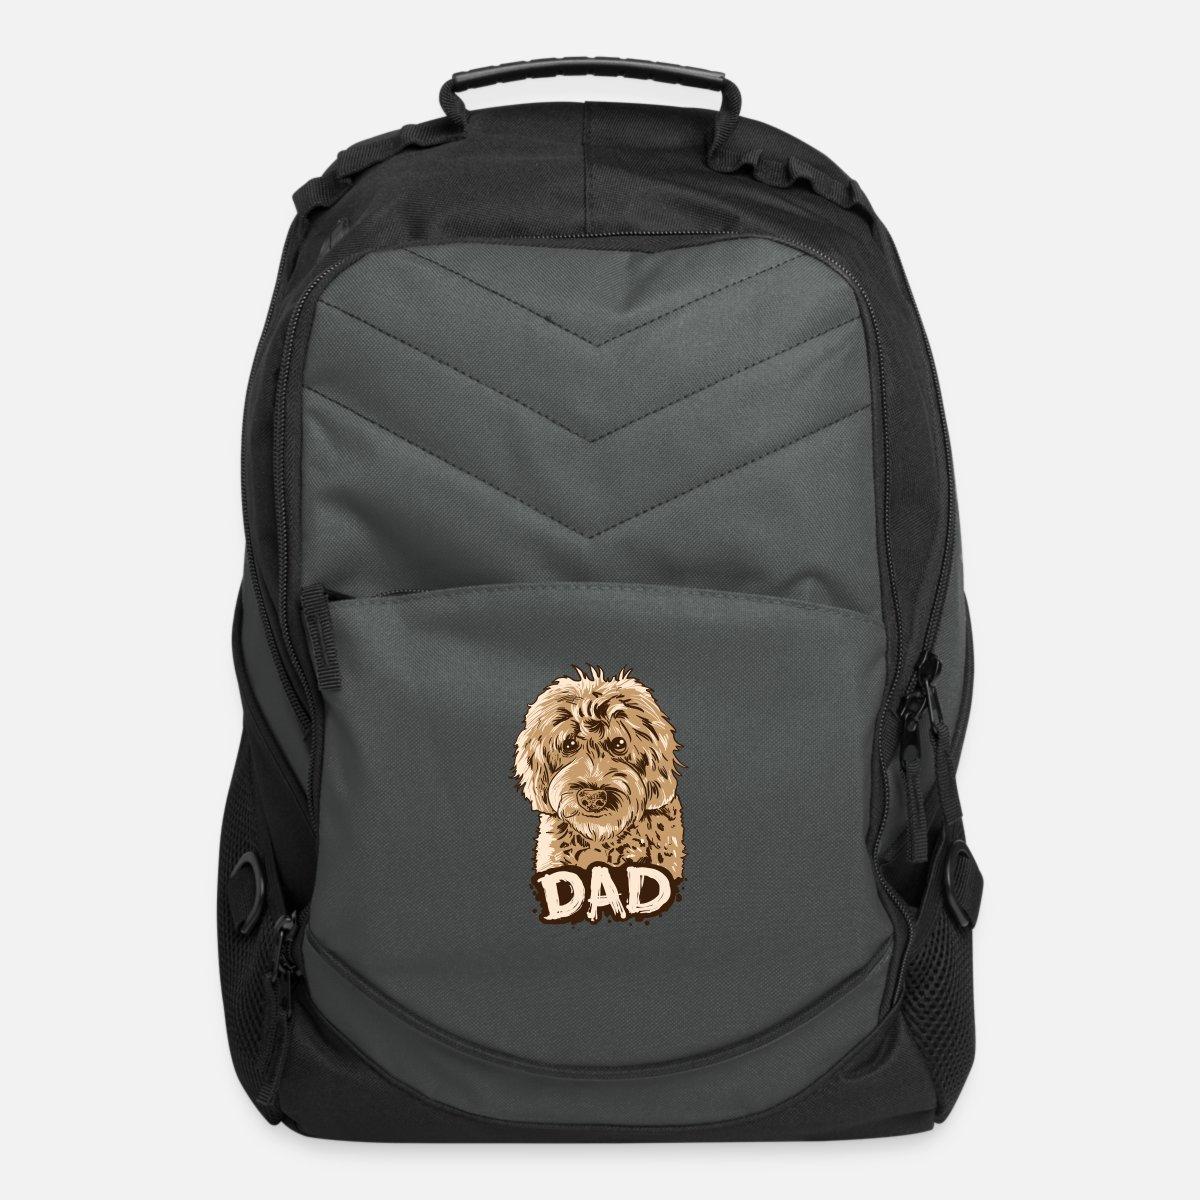 Golden Backpack Computer Mens Bag